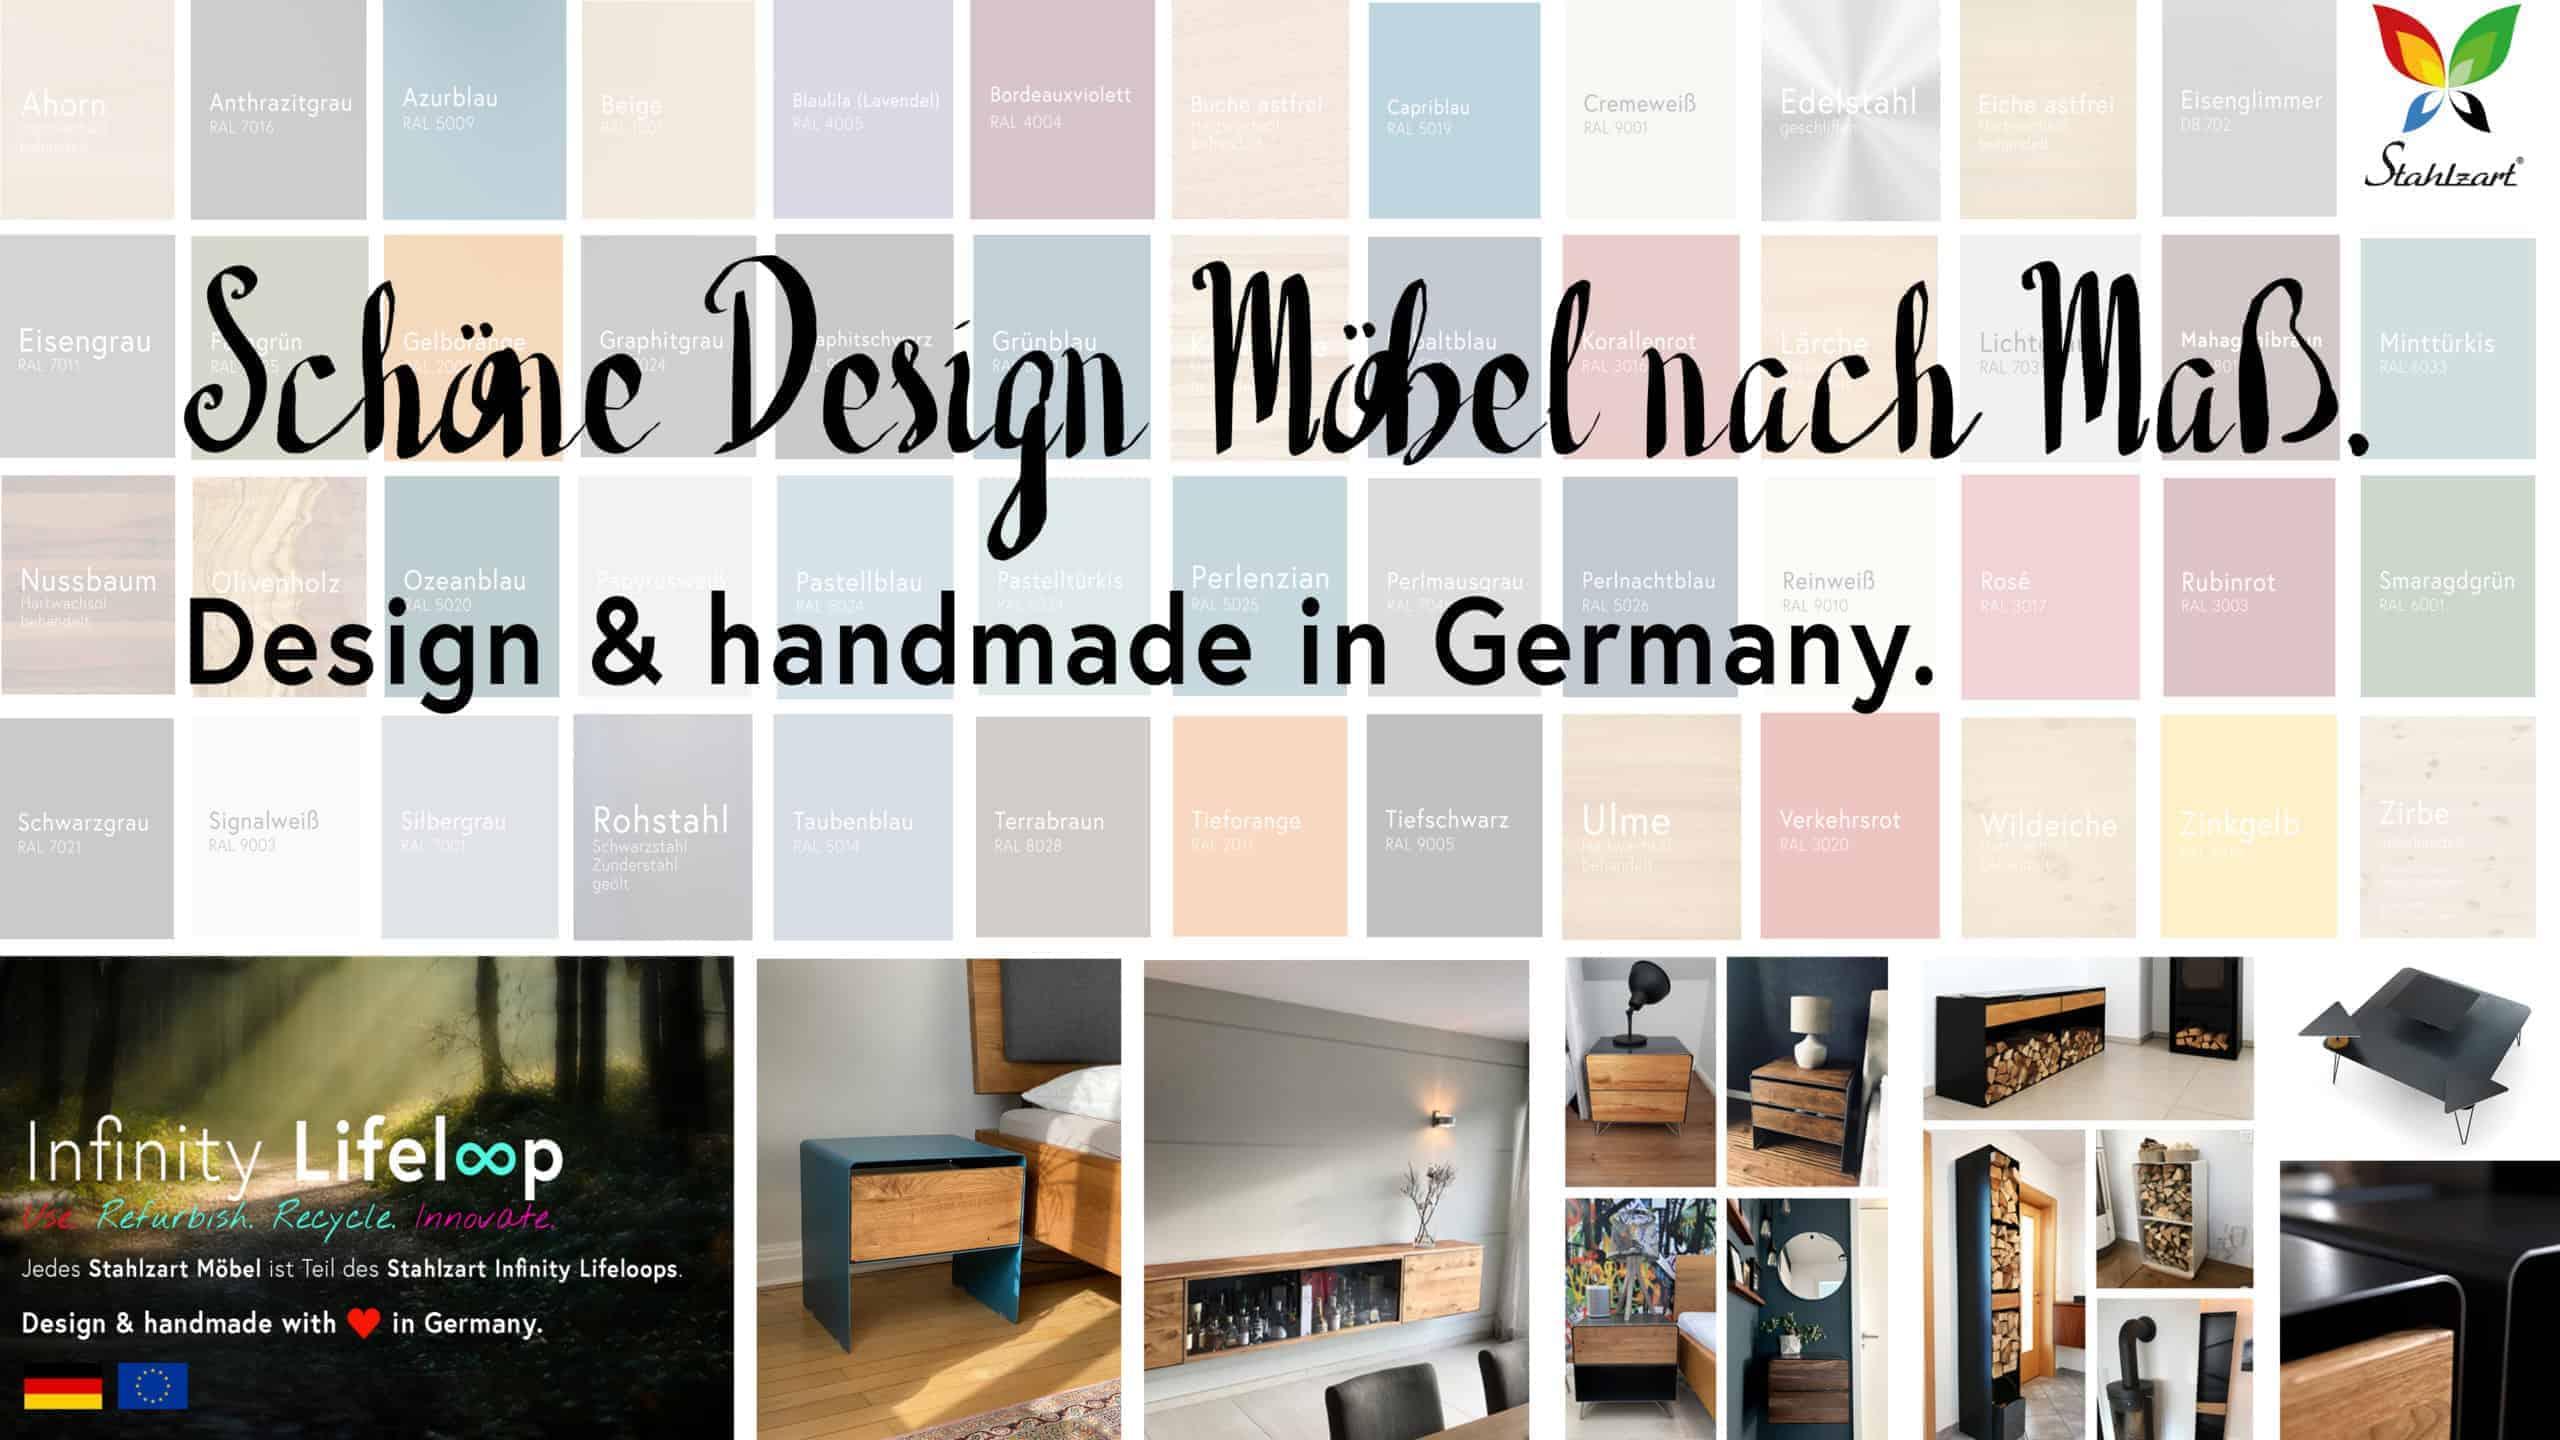 stahlzart-moebel-nach-mass-weiss-schwarz-grau-bunt-aus-holz-eiche-nussbaum-kernbuche-metall-stahl-edelstahl-glas-schoenes-modernes-design-handmade-in-germany-individuelle-farben-neu